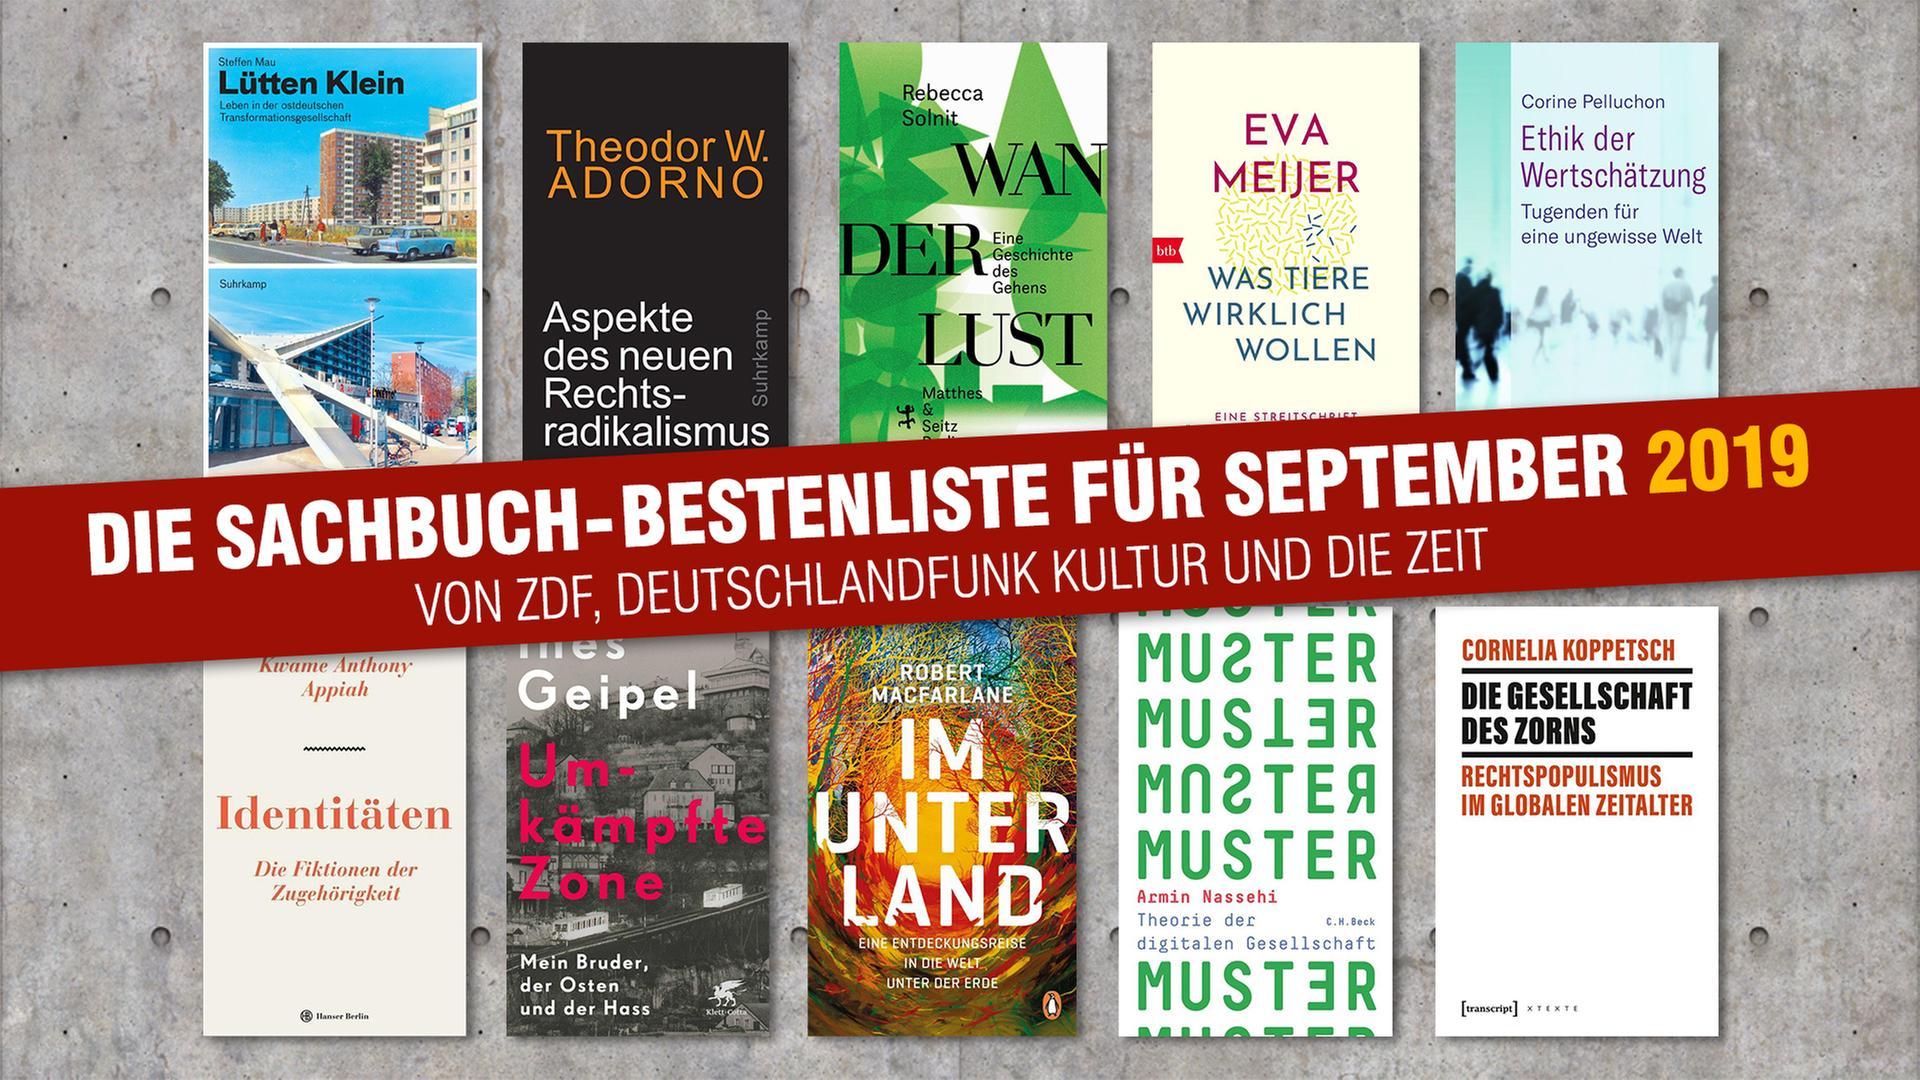 Sachbuch Bestenliste Neue Fassung September